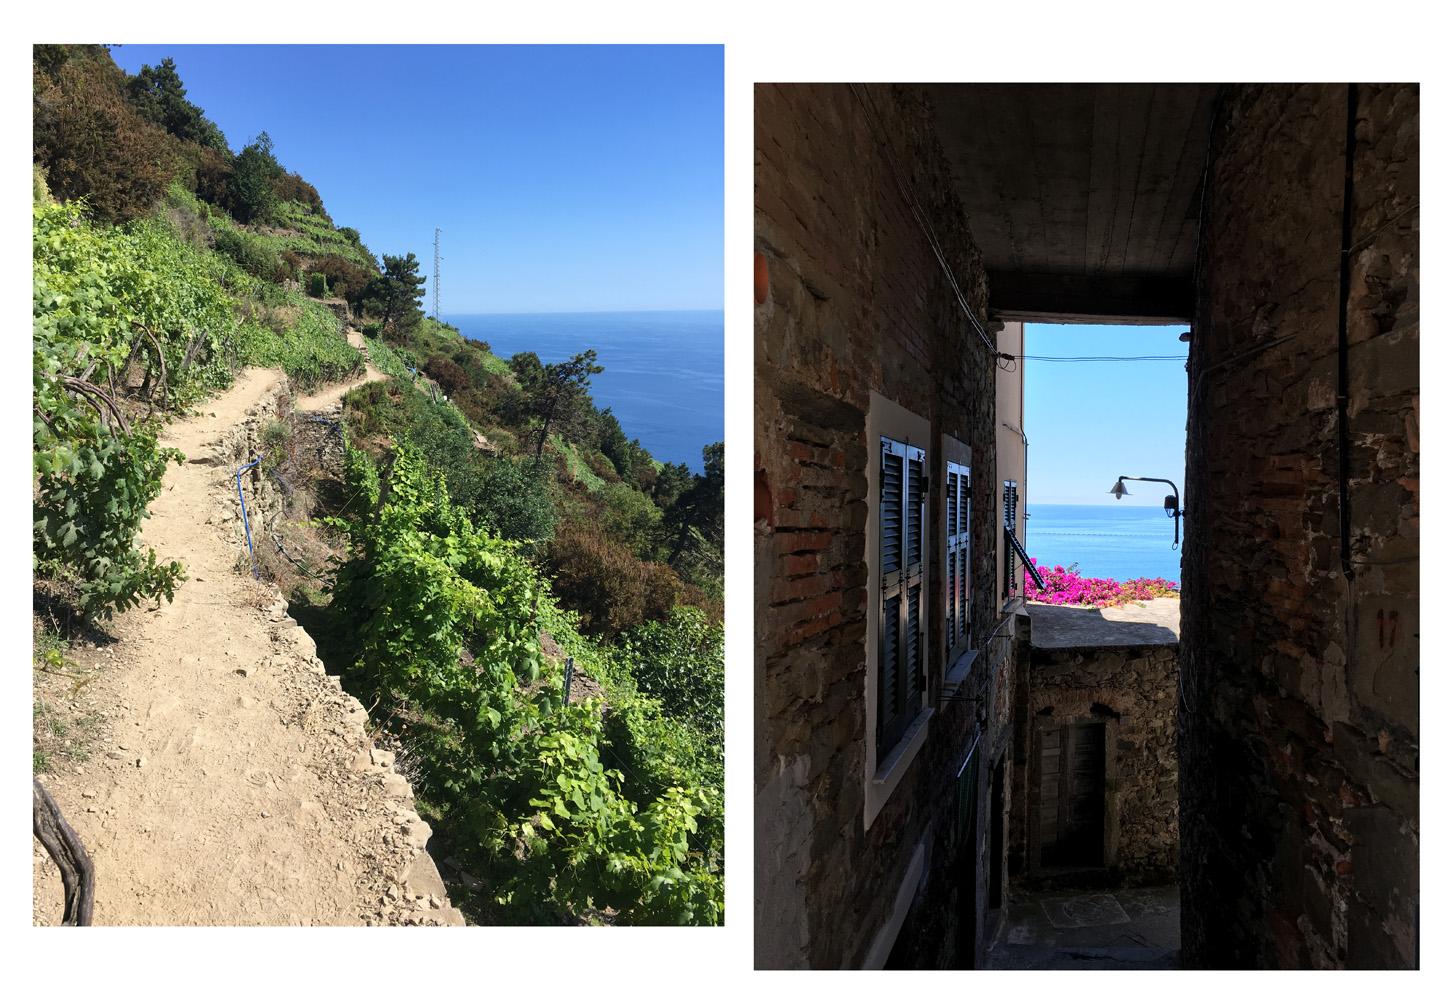 La beauté des Cinque Terre, les chemins de randonnée, Côté Hublot